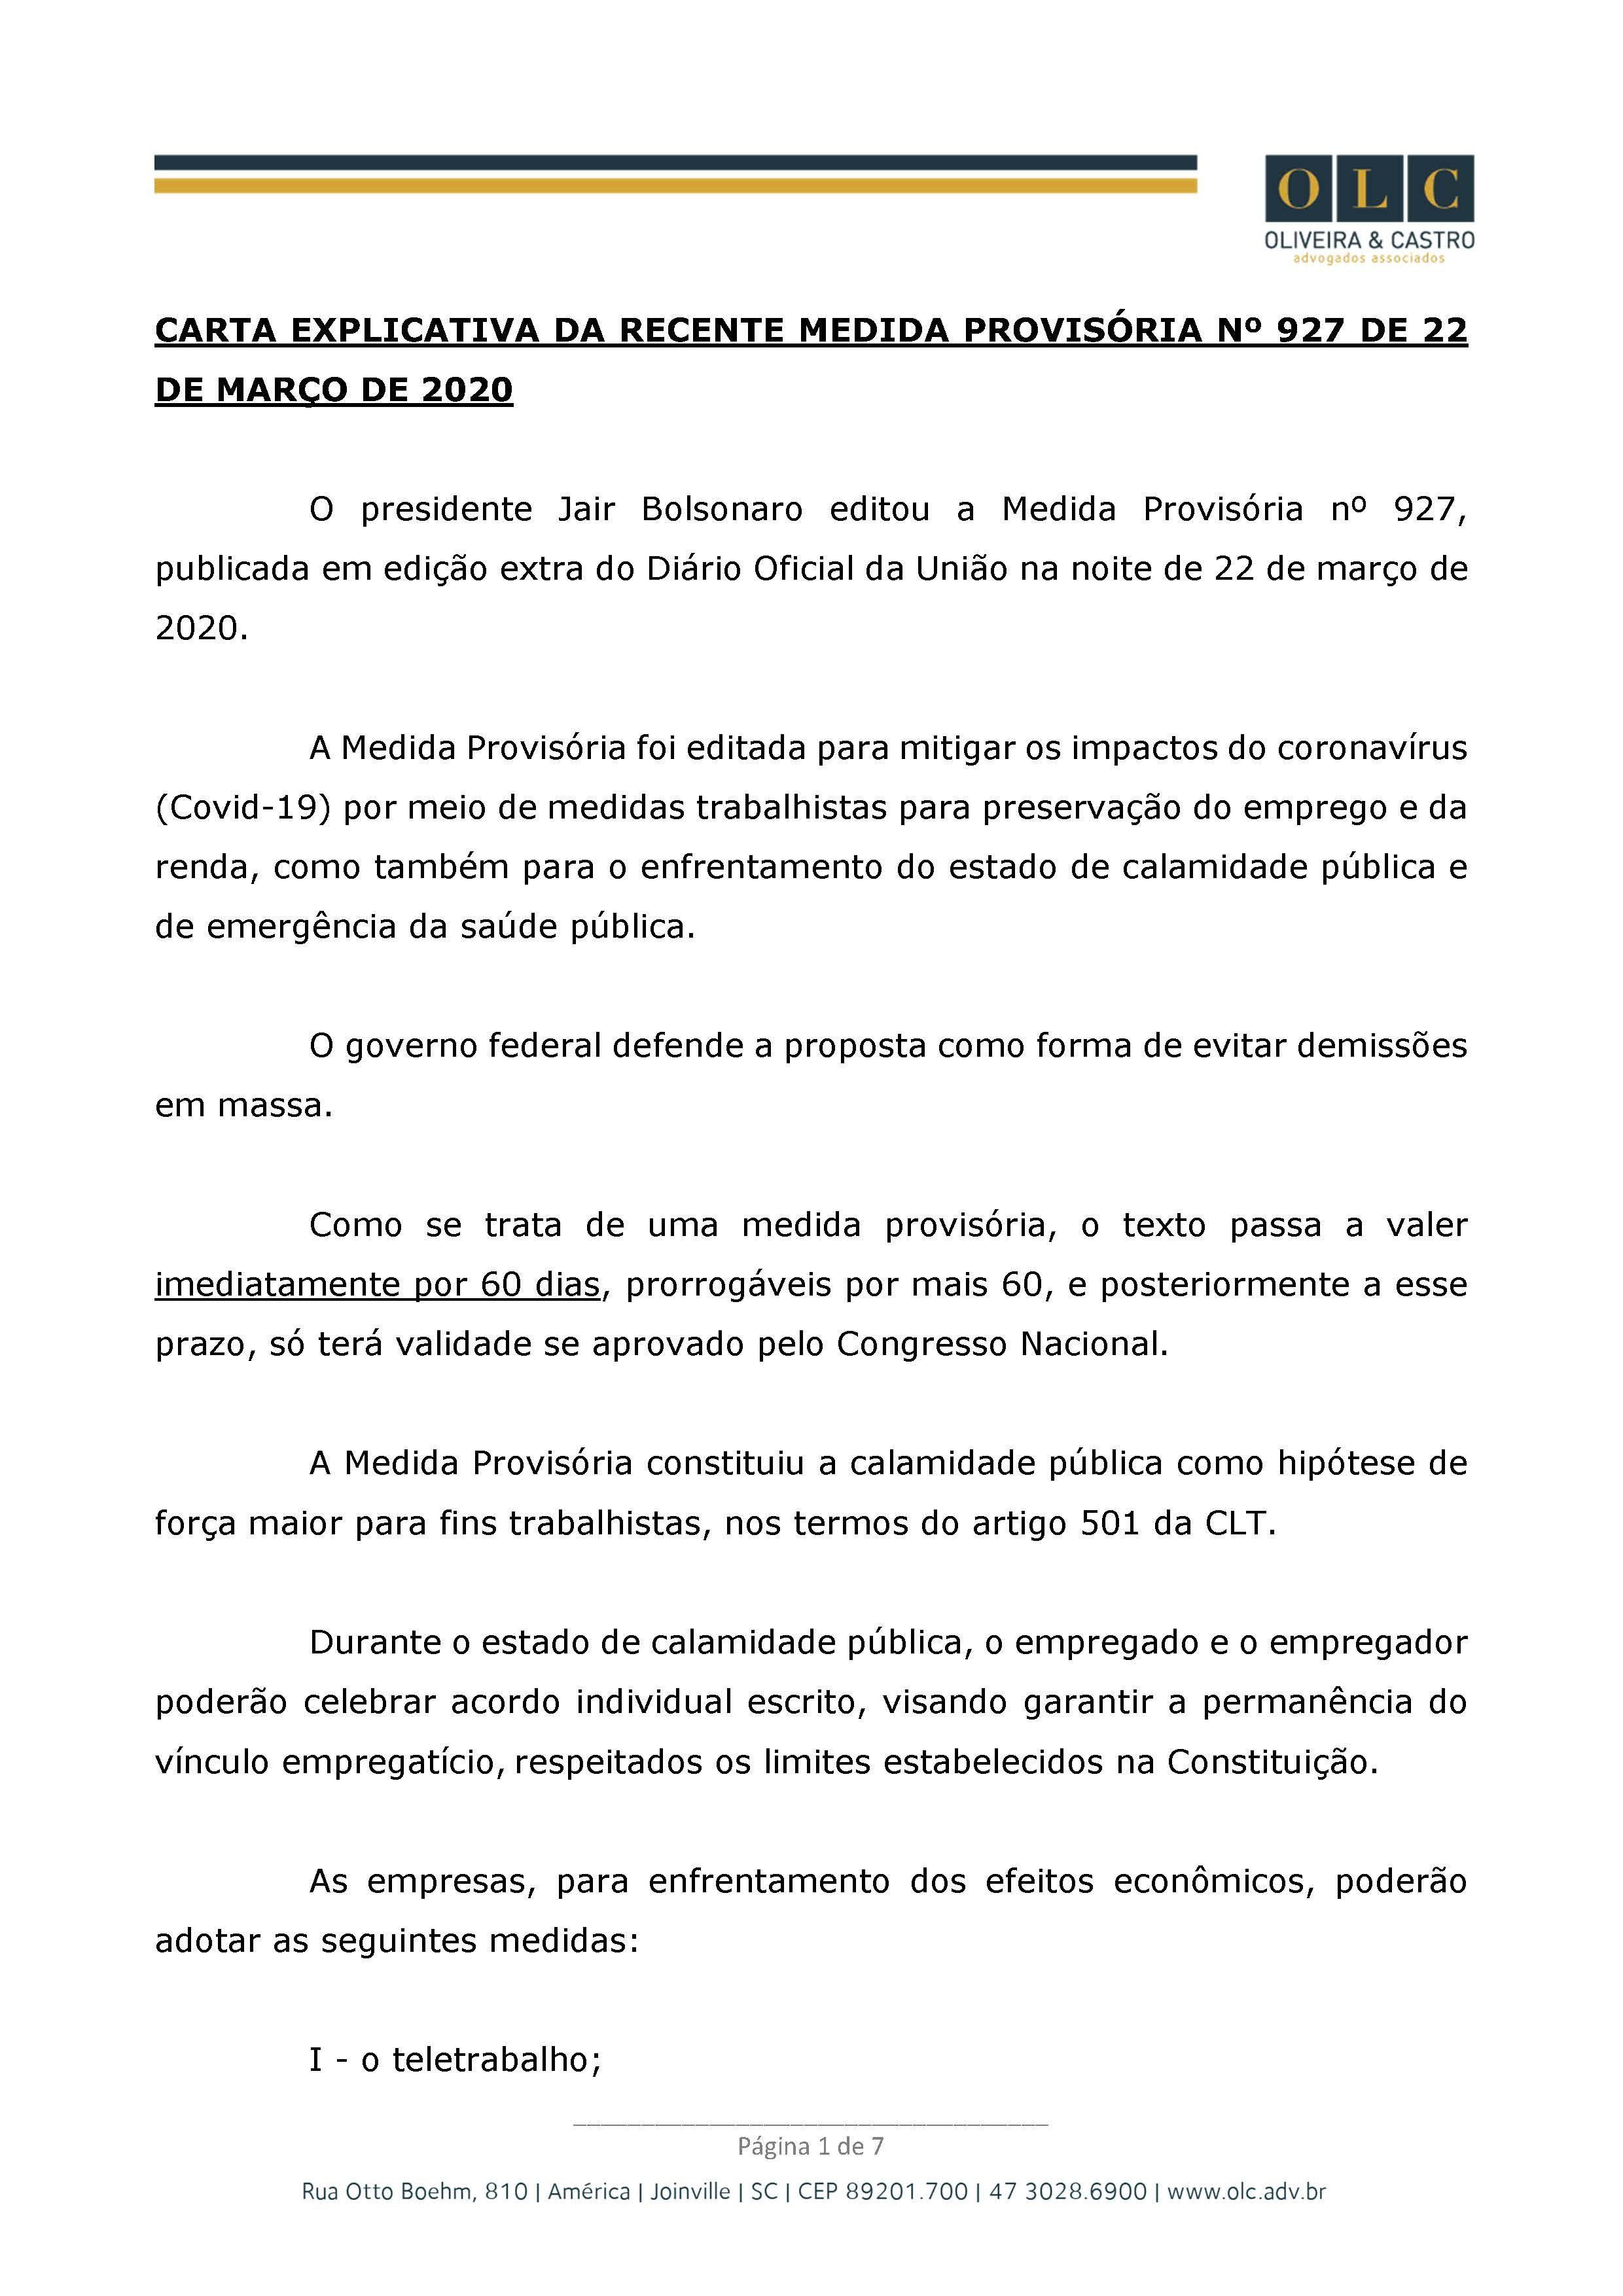 Diante da insegurança causada pelo Novo Coronavírus, a equipe da Oliveira e Castro Advogados preparou um material super detalhado, com esclarecimentos sobre os pontos da Medida Provisória nº. 927, de 22 de março de 2020, para lhe auxiliar na tomada de dec